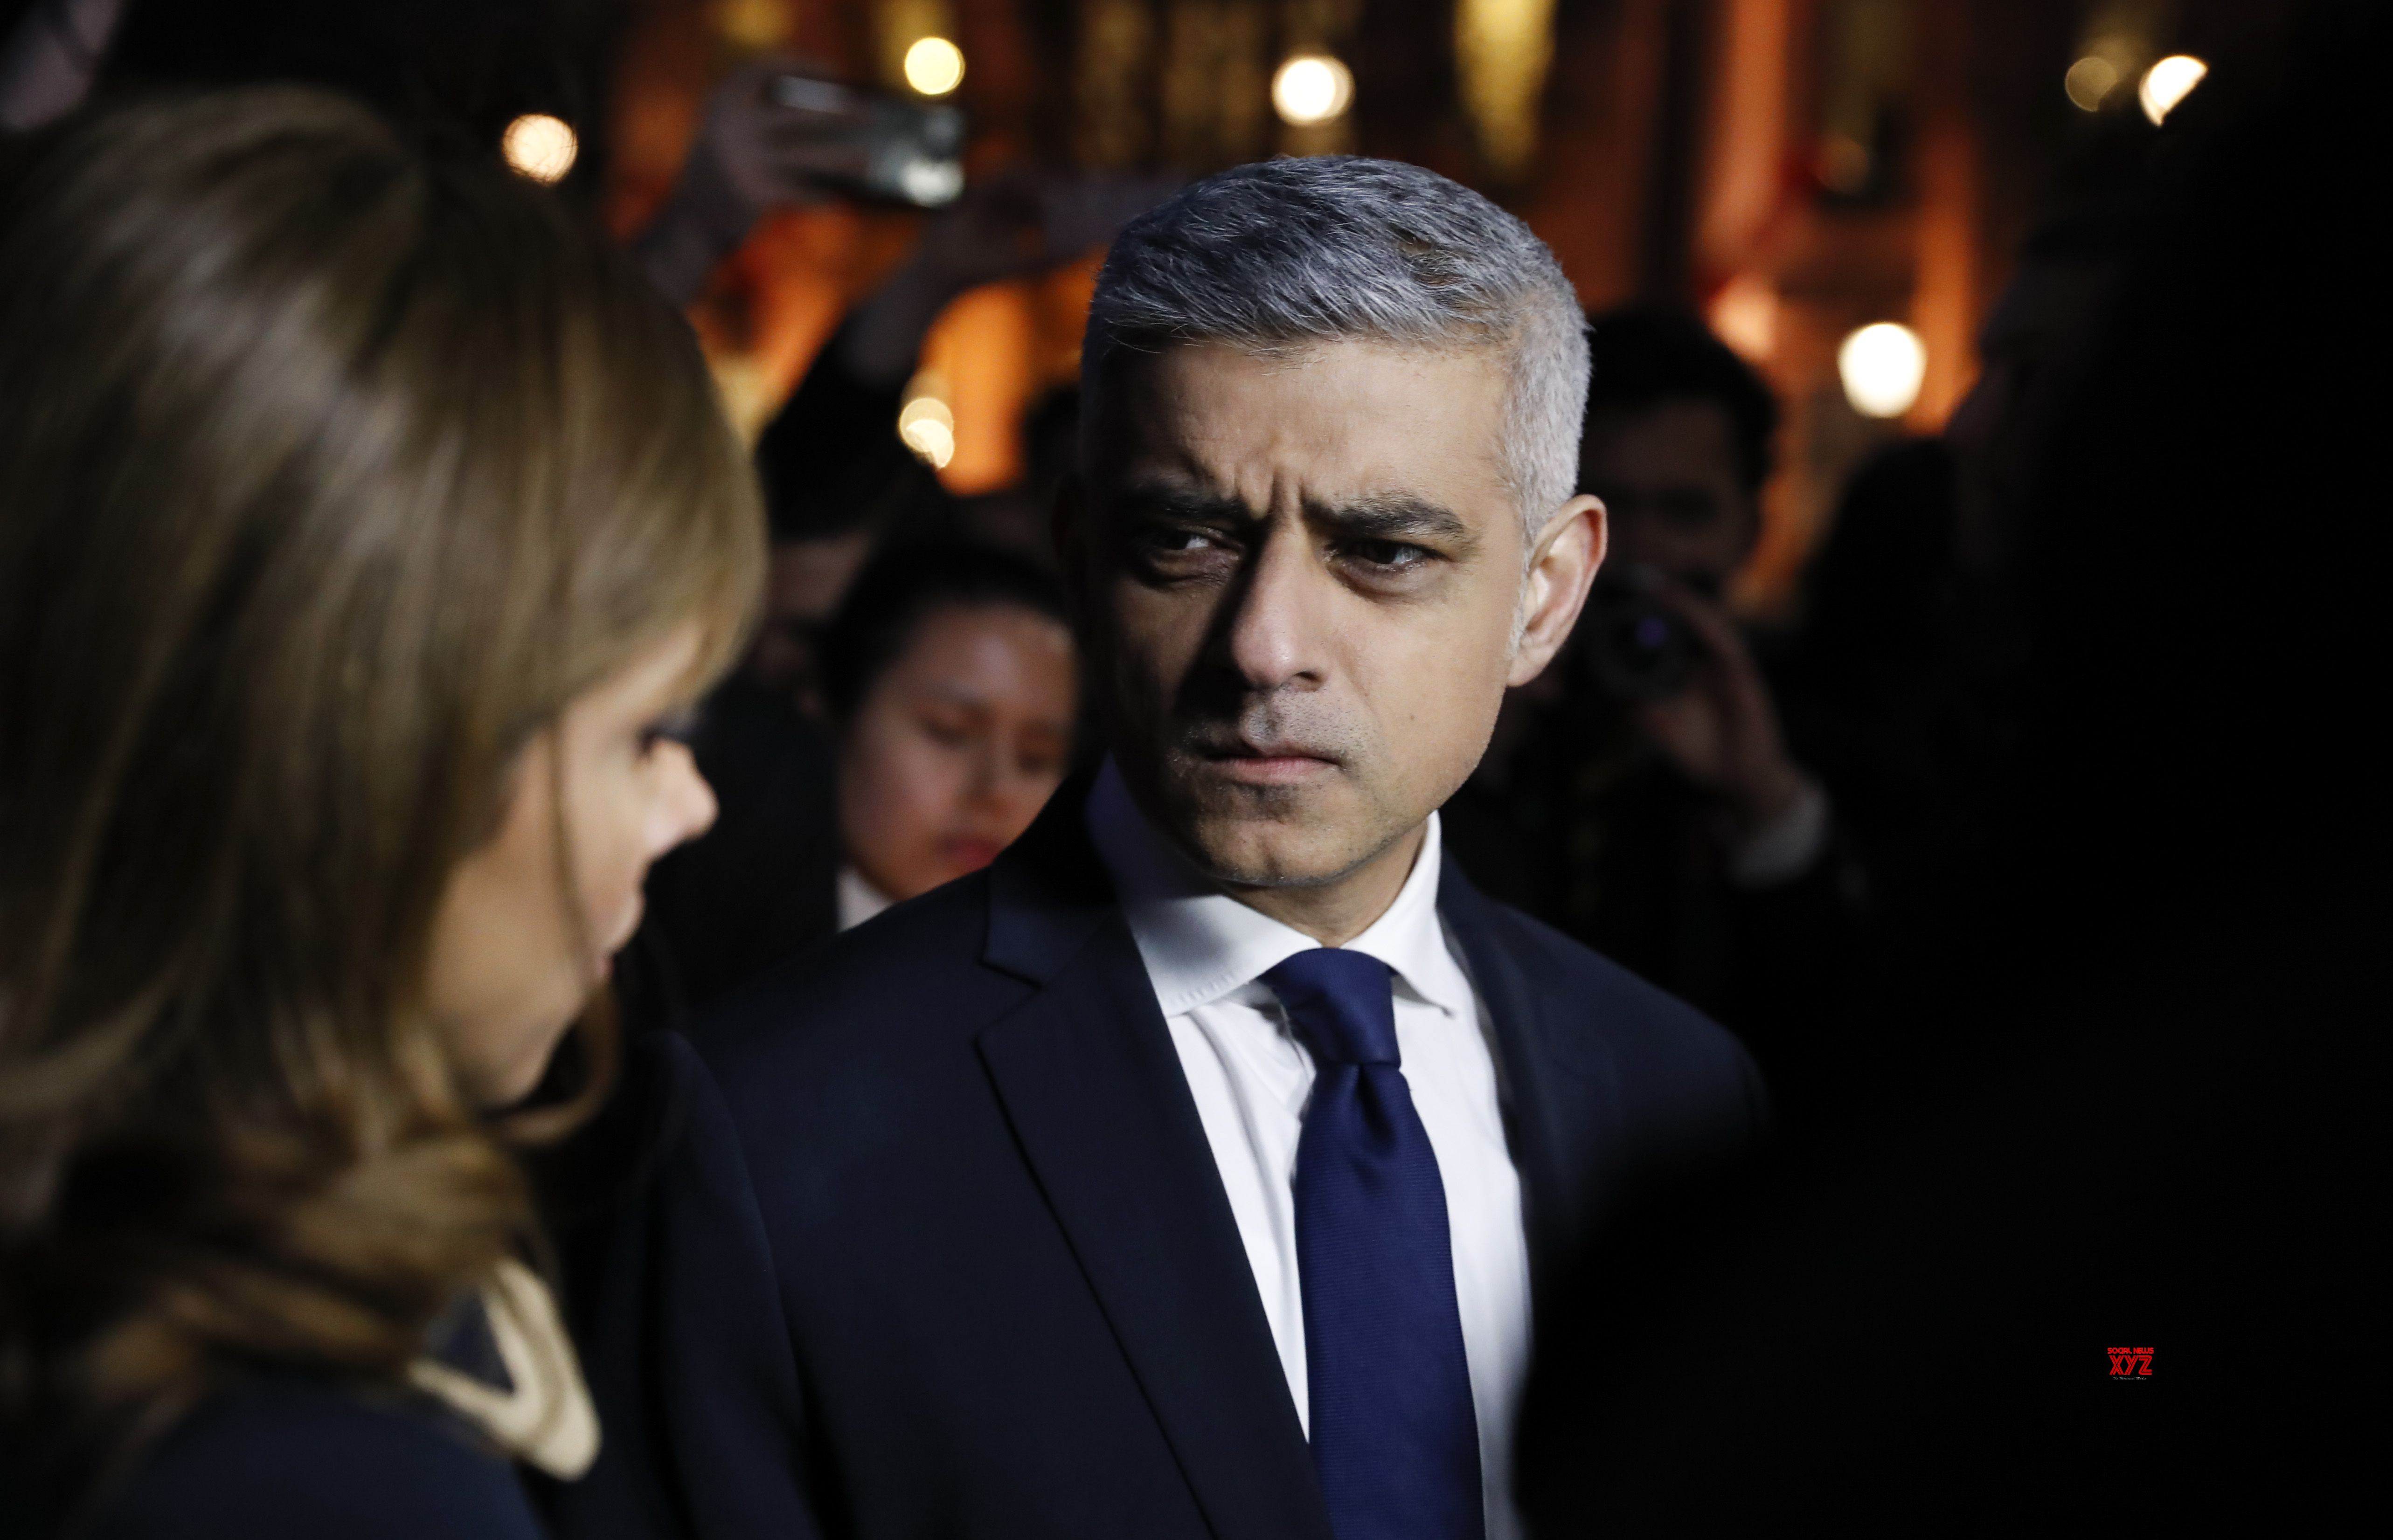 London Mayor slammed online over violent Kashmir protests